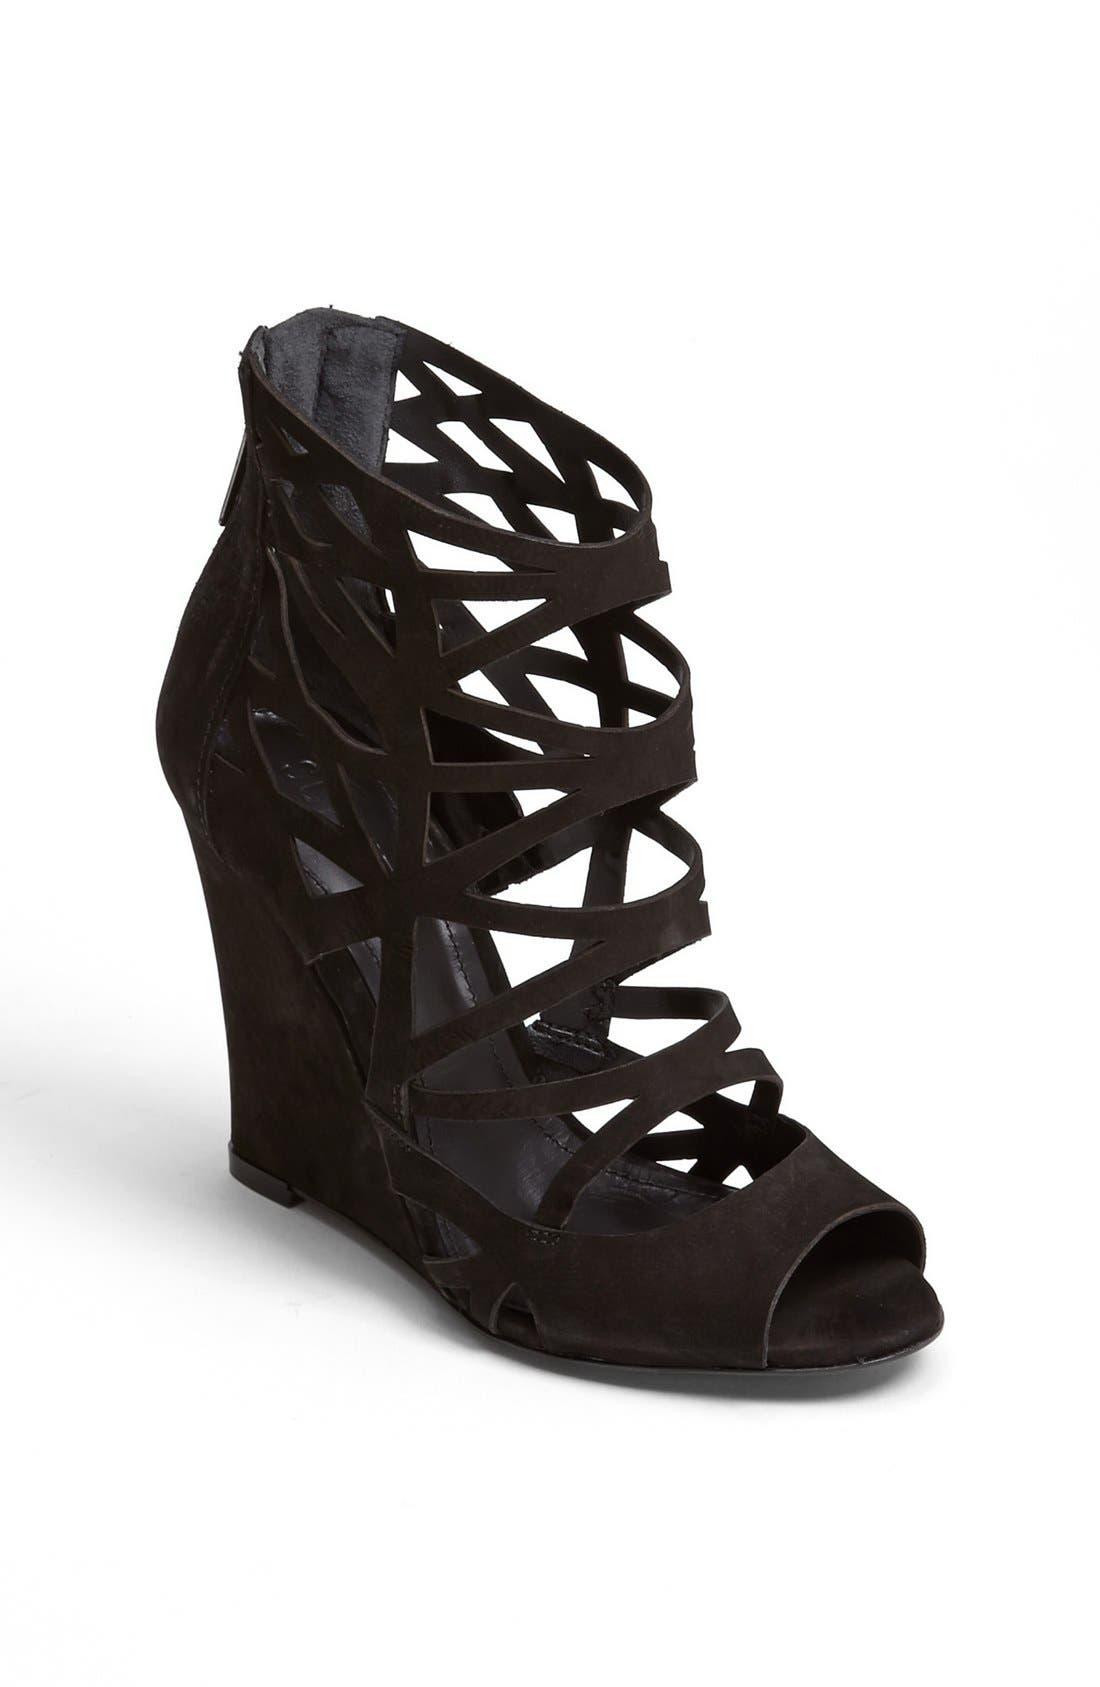 Main Image - Schutz 'Carlee' Caged Sandal